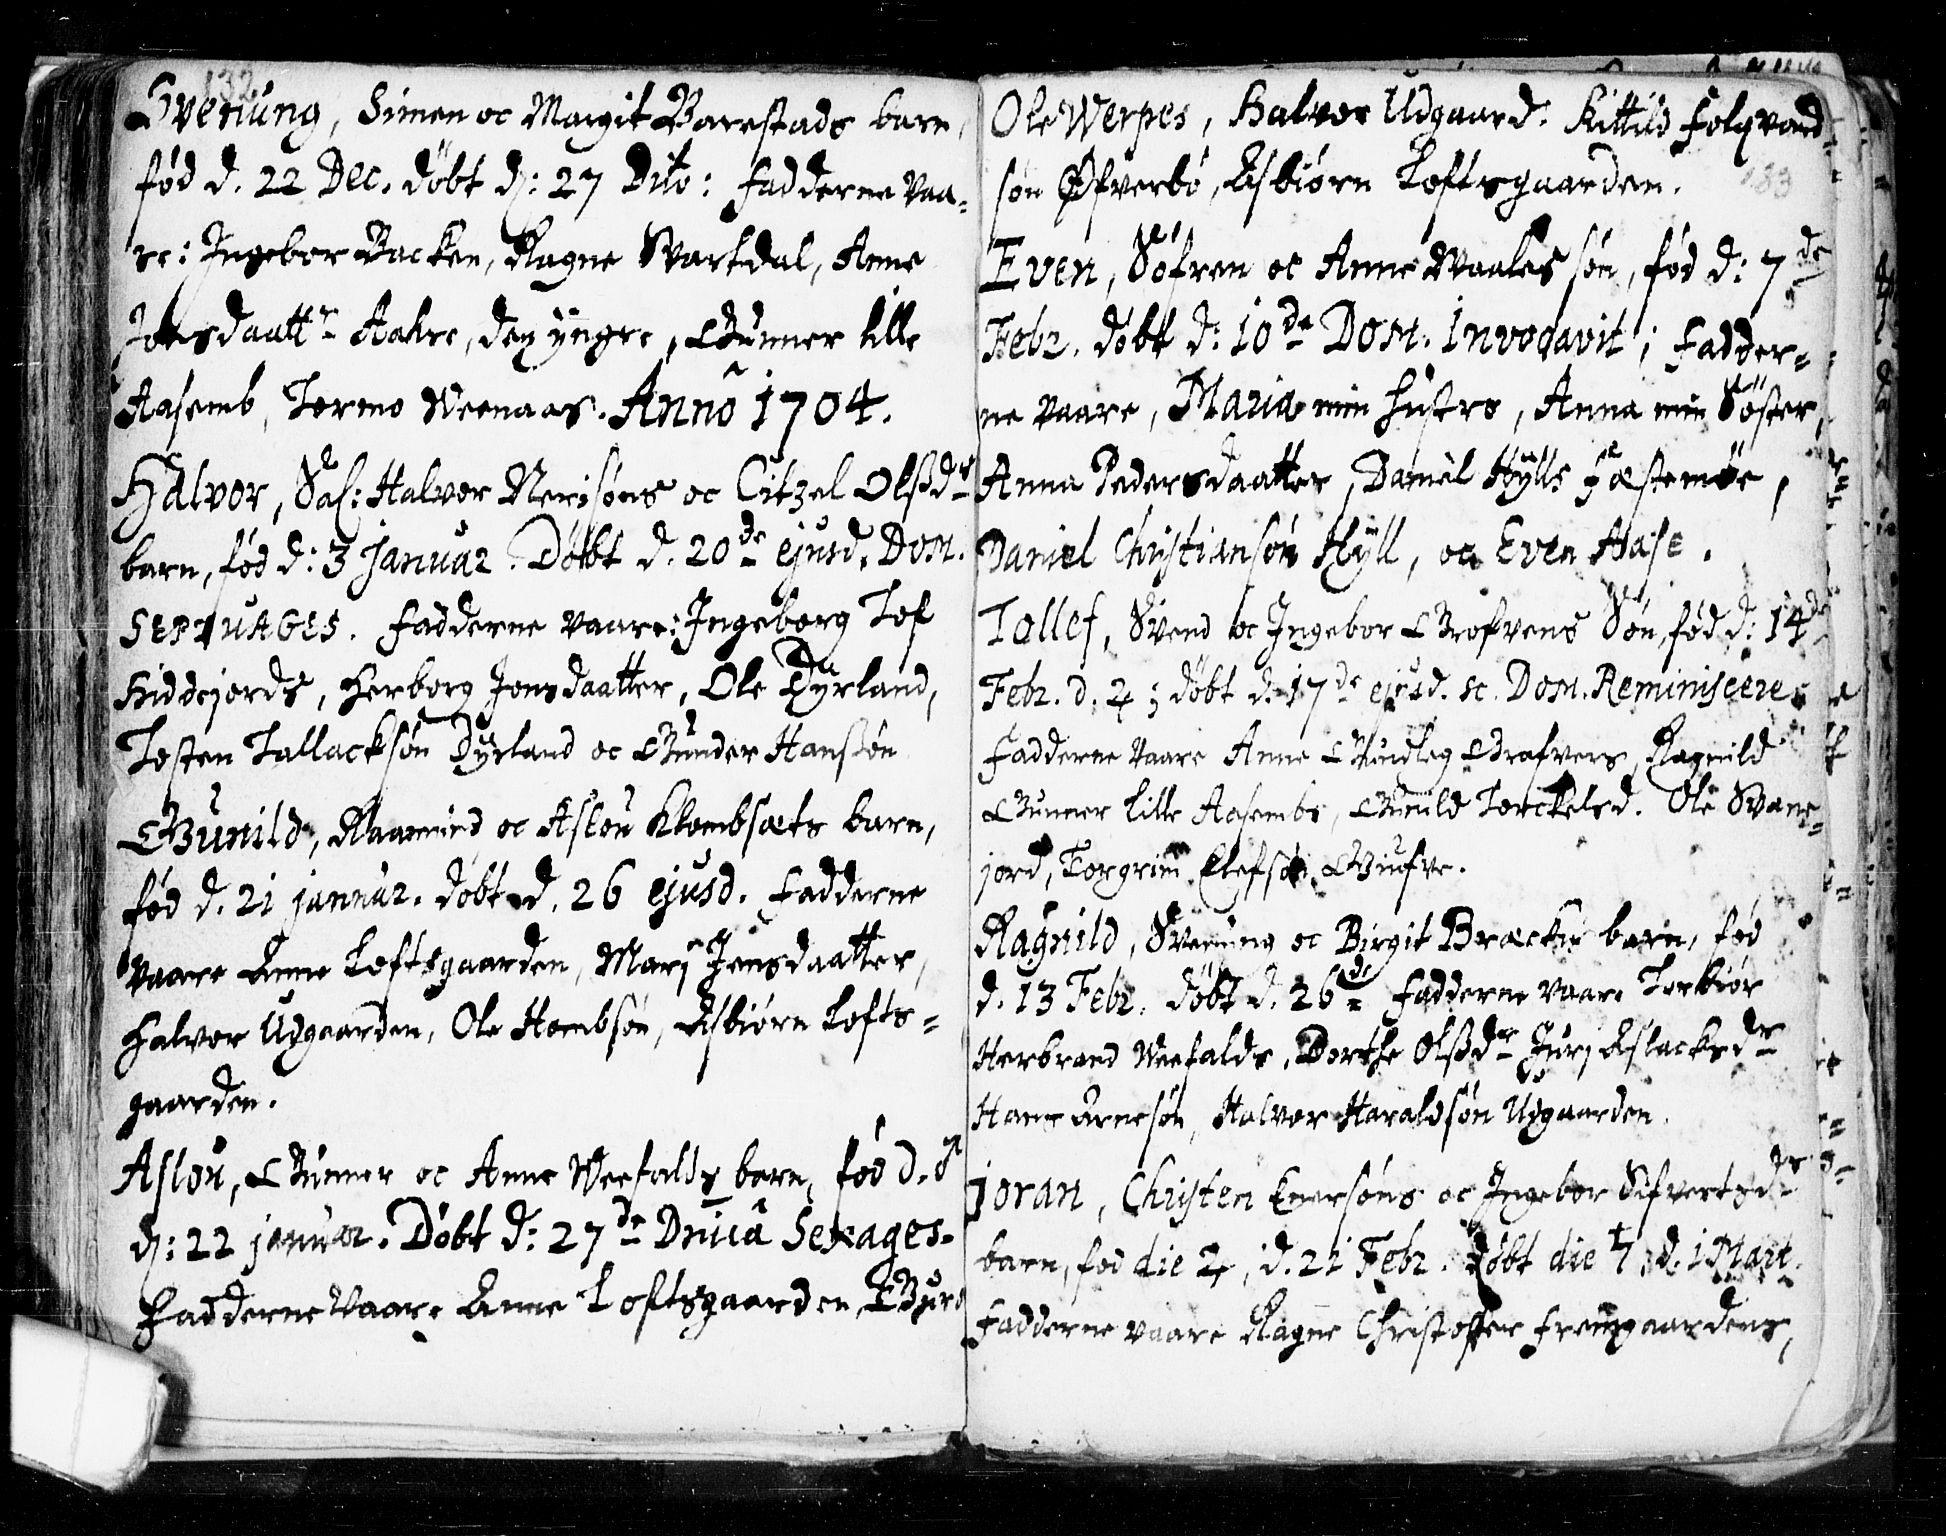 SAKO, Seljord kirkebøker, F/Fa/L0002: Ministerialbok nr. I 2, 1689-1713, s. 132-133